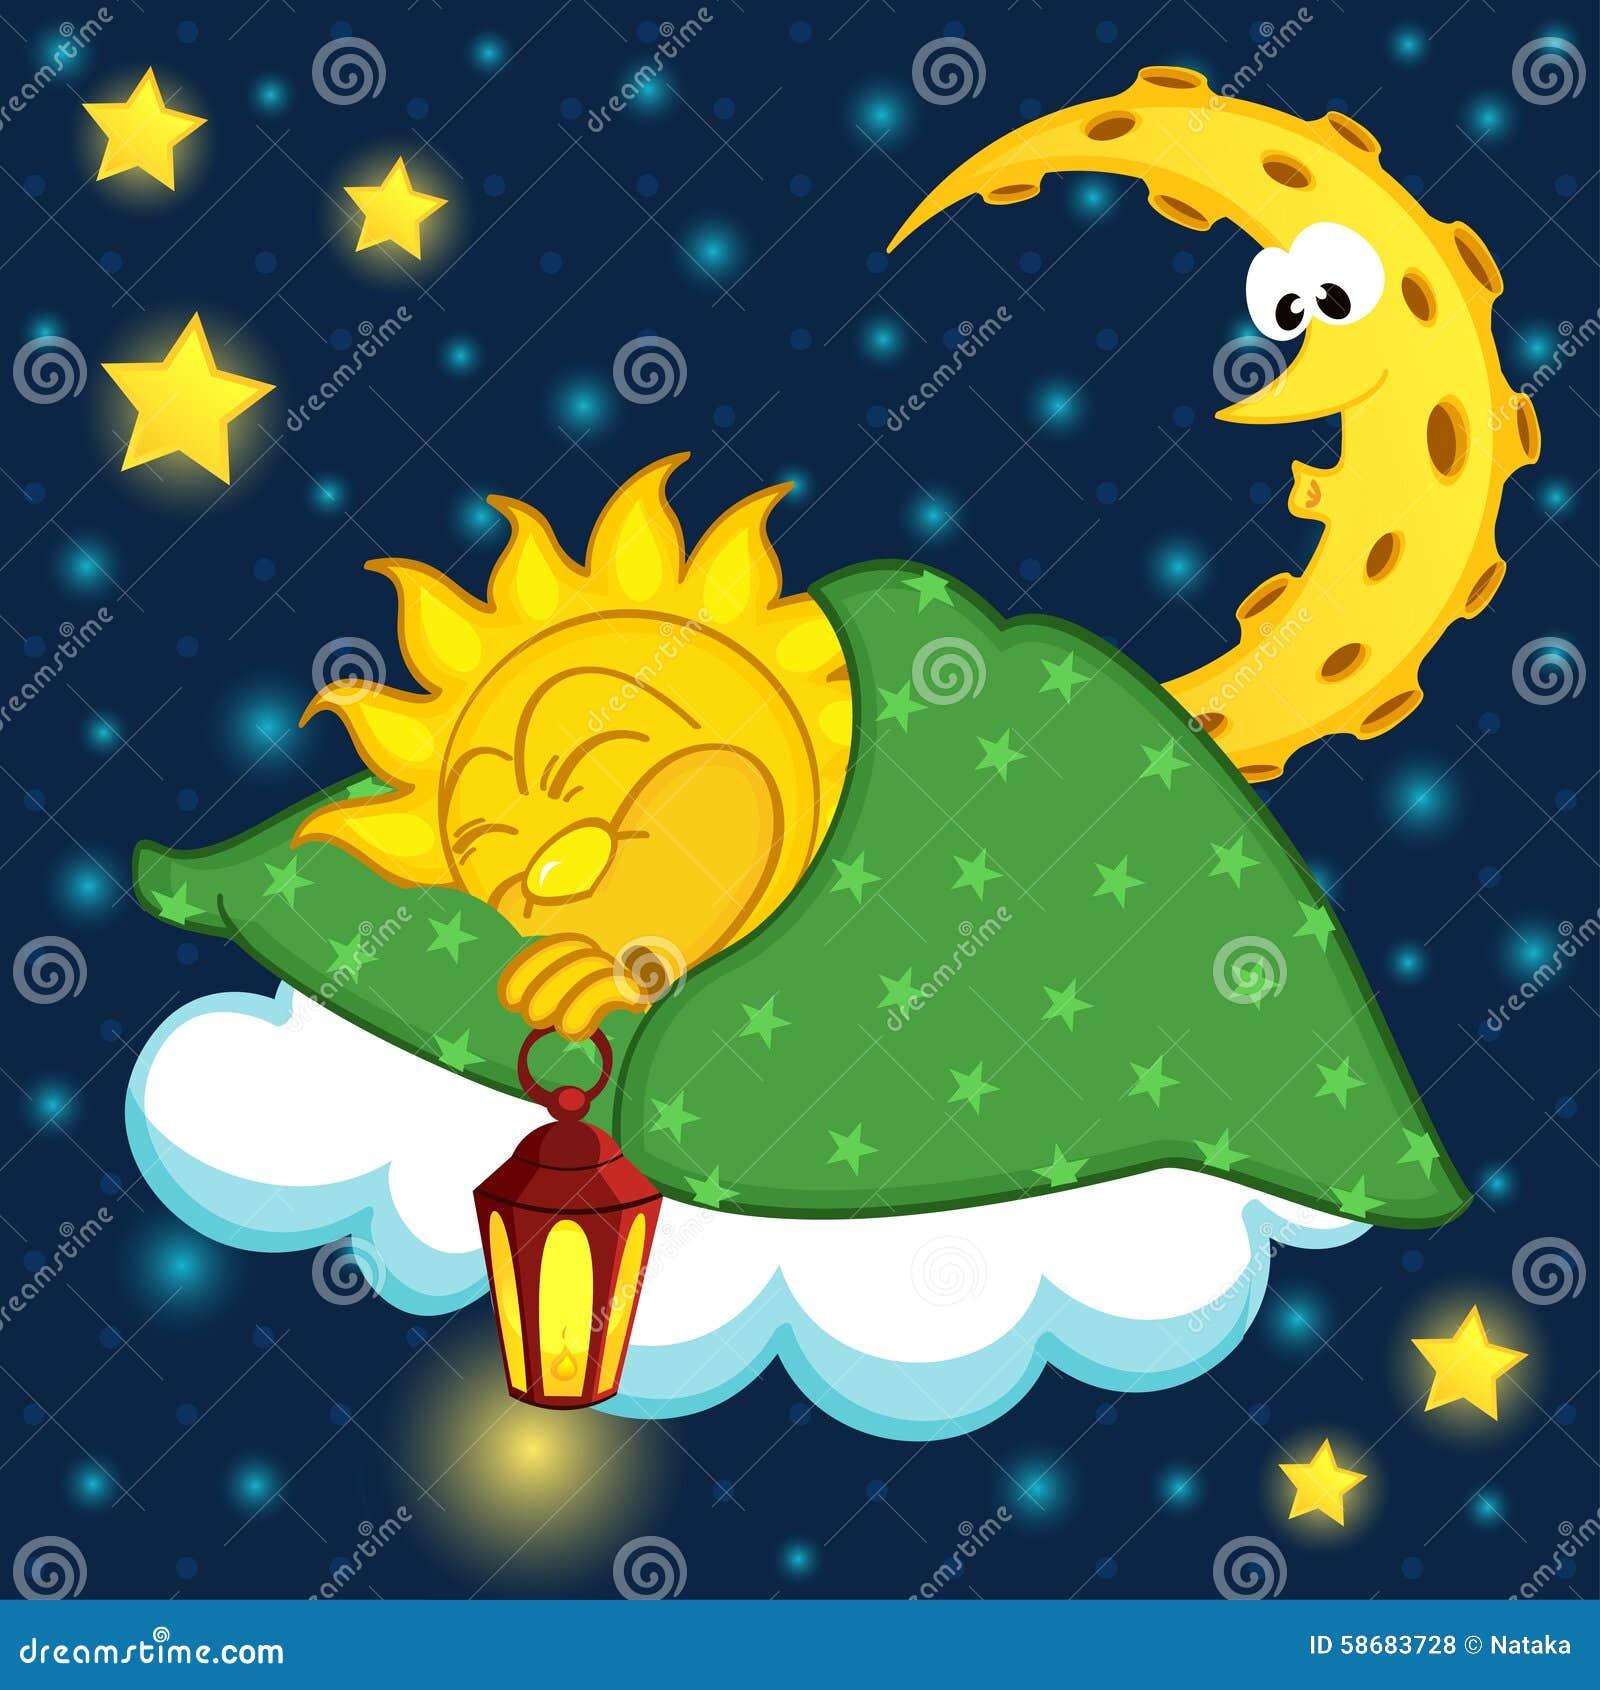 Sun Sleeping On Cloud Stock Vector Illustration Of Lamp